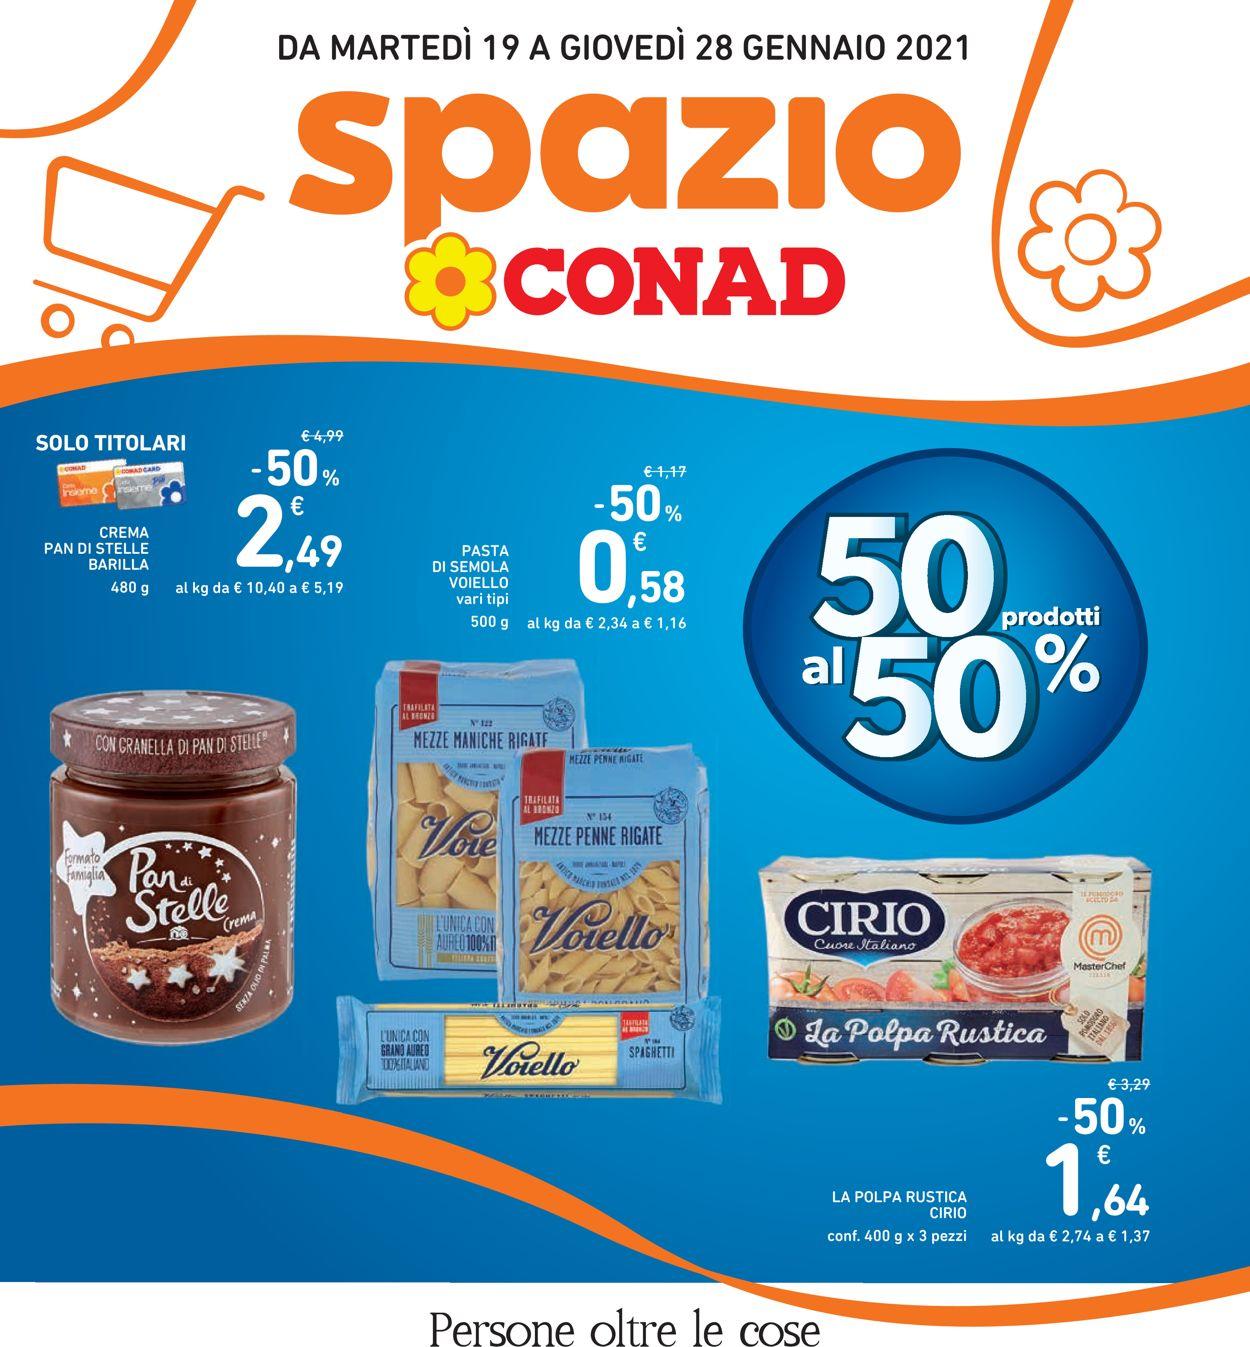 Volantino Conad Spazio - Offerte 19/01-28/01/2021